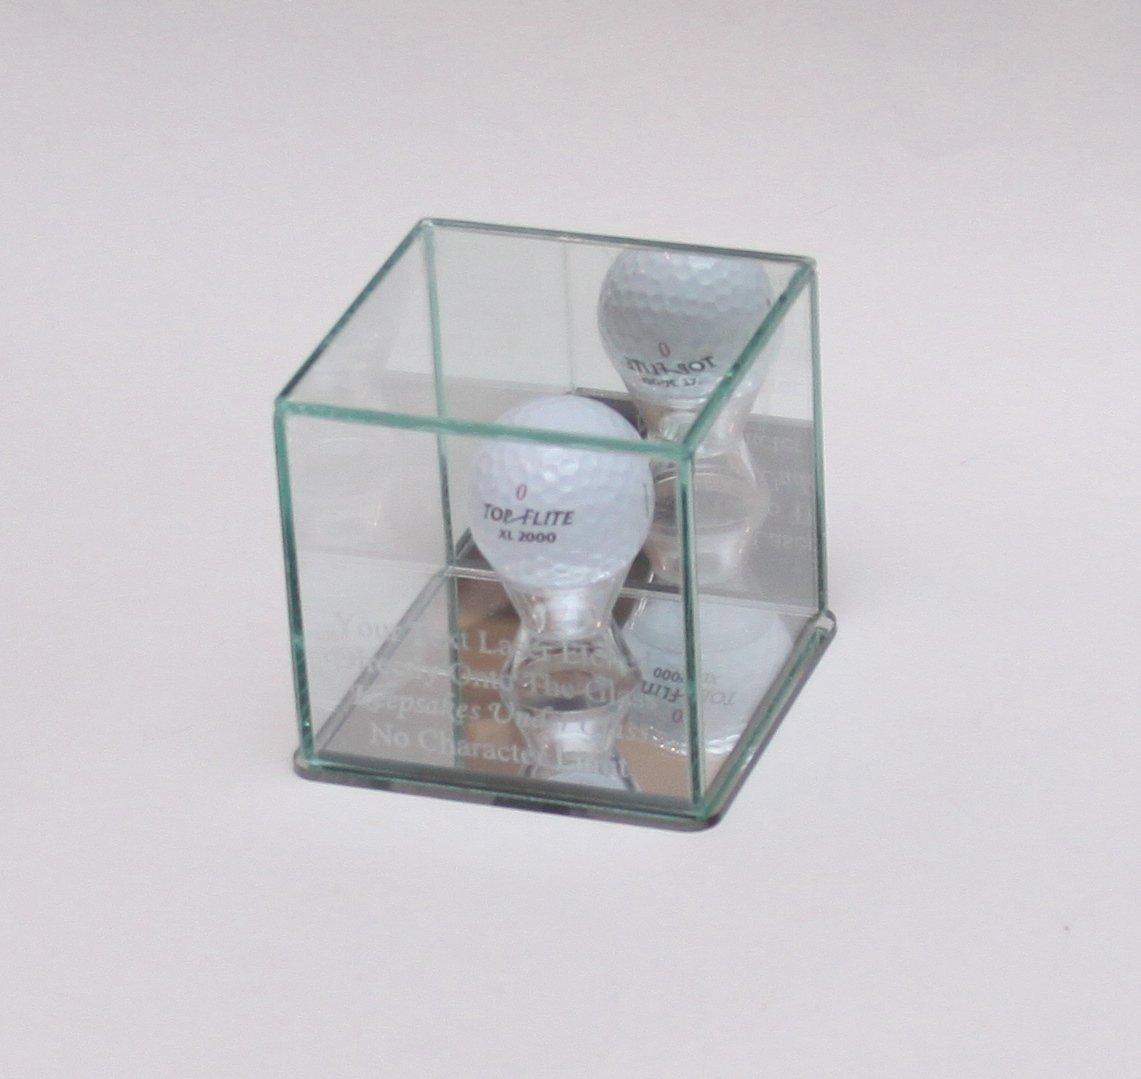 ゴルフボールPersonalized Hole in One – Eagle Etched – Personalized Engravedガラス表示ケース – カスタムスタンド B06WVGK1YZ